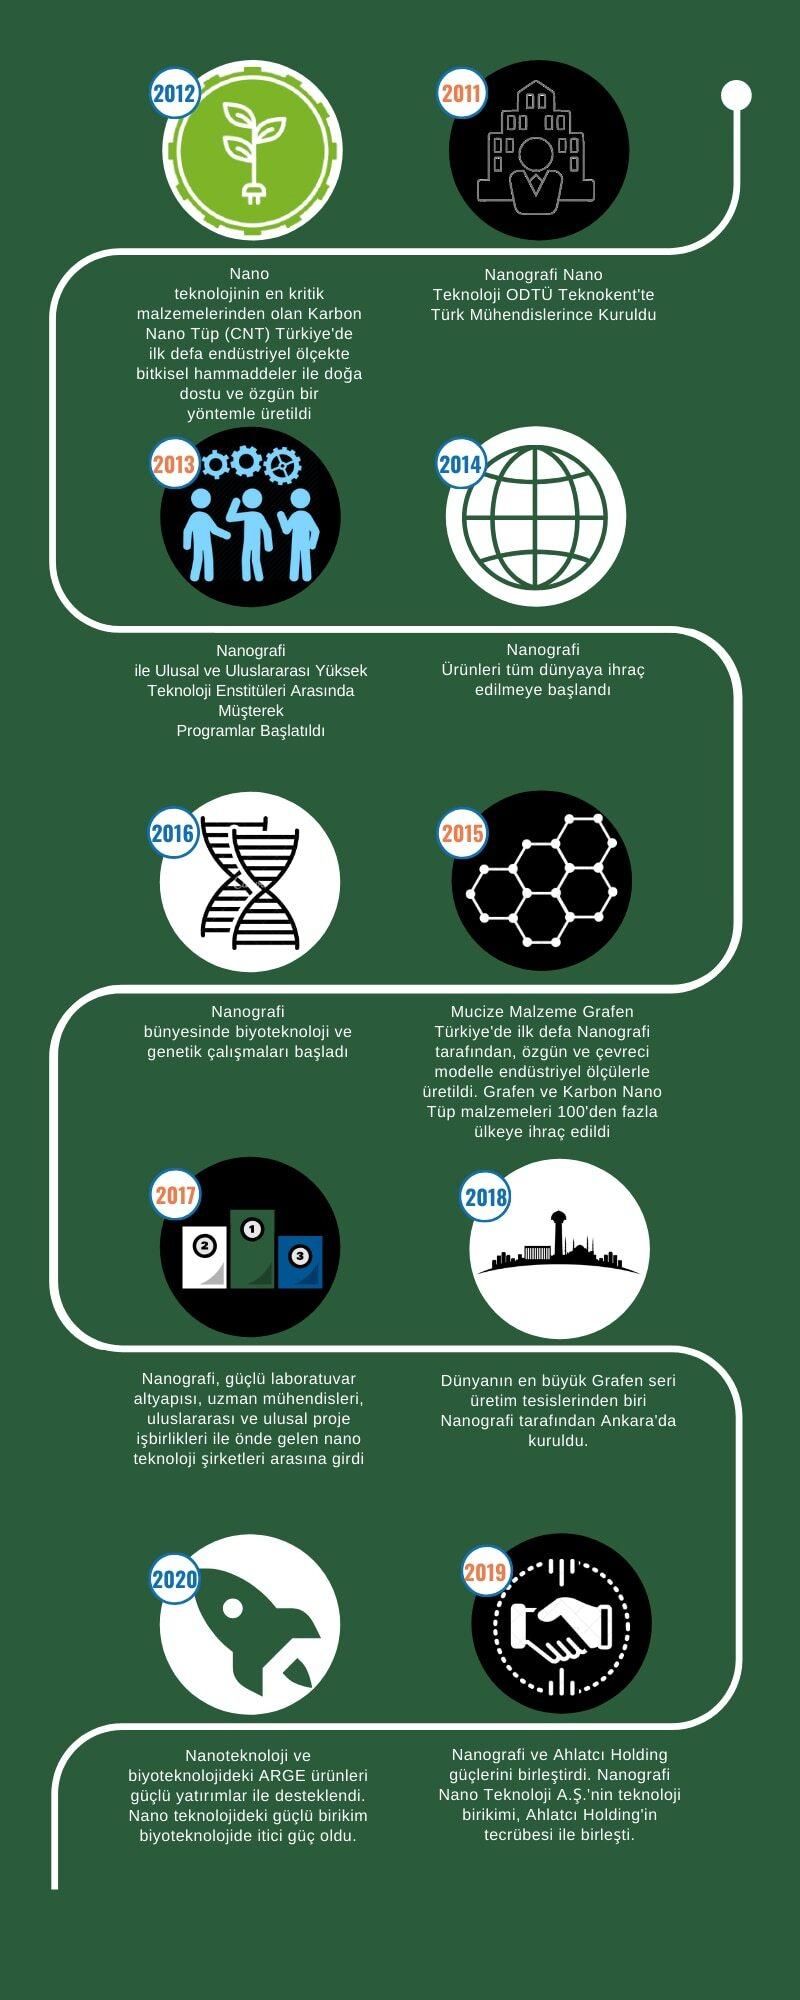 nanografi nano teknoloji aş zaman çizelgesi ve önemli tarihler